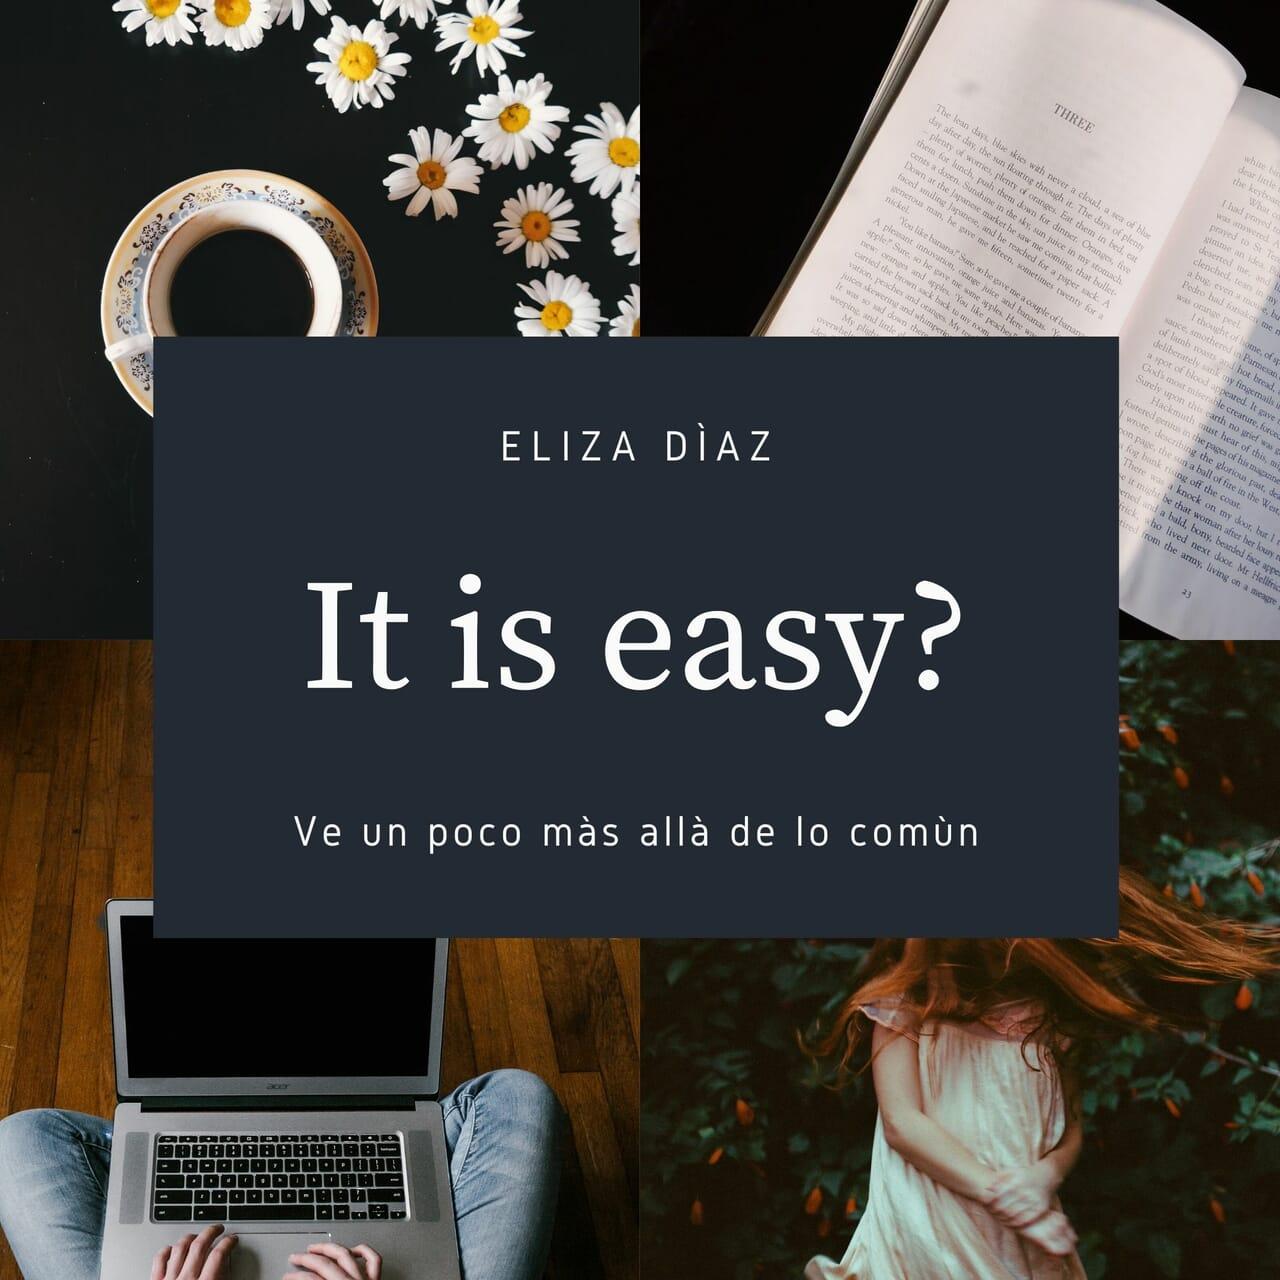 article and vida juventud reflexión image